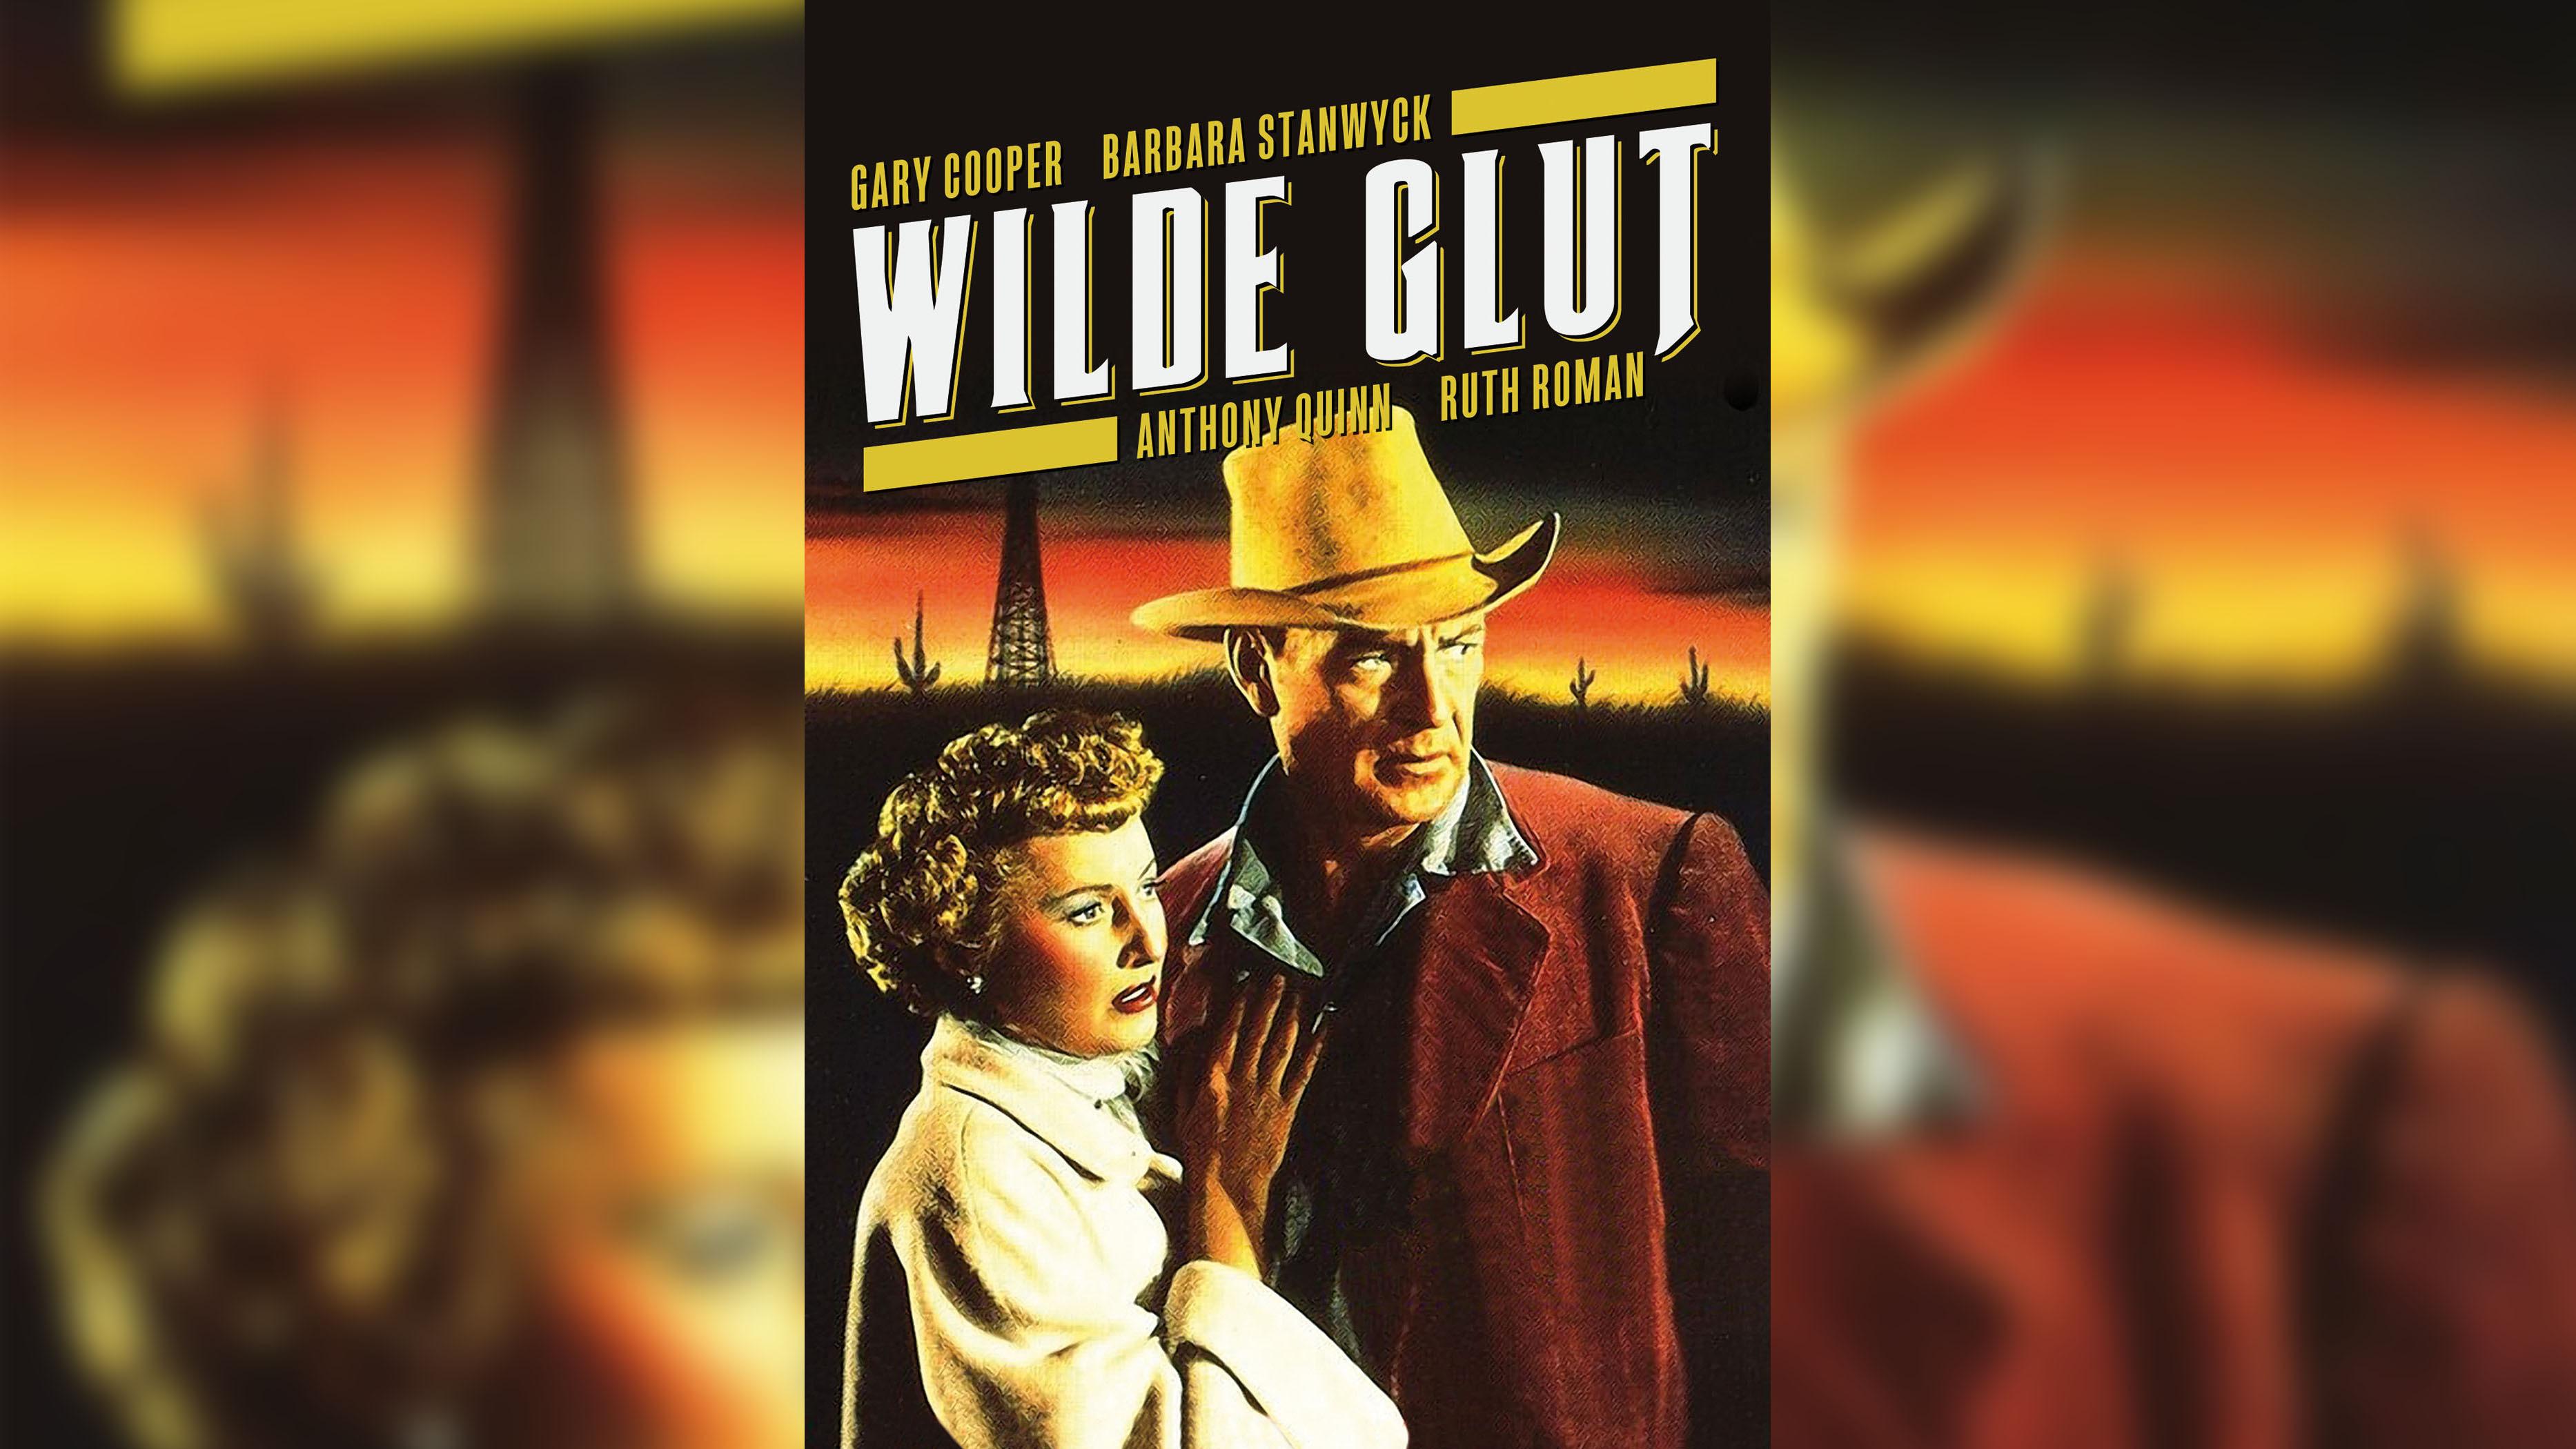 Wilde Glut